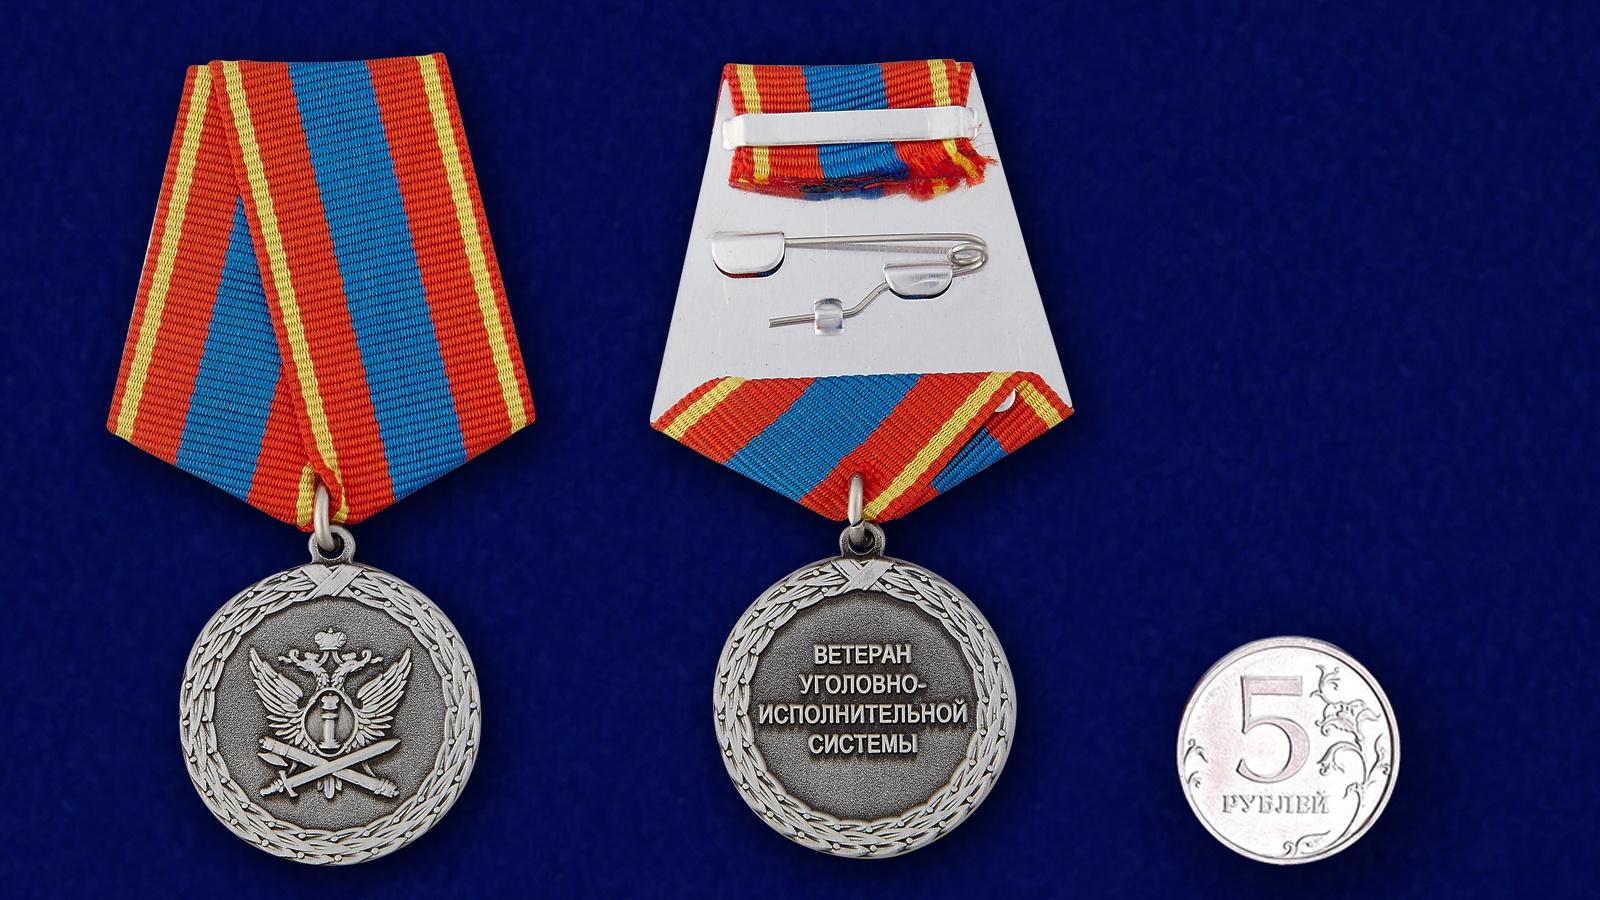 Медаль Ветеран уголовно-исполнительной системы в футляре из флока - сравнительный вид